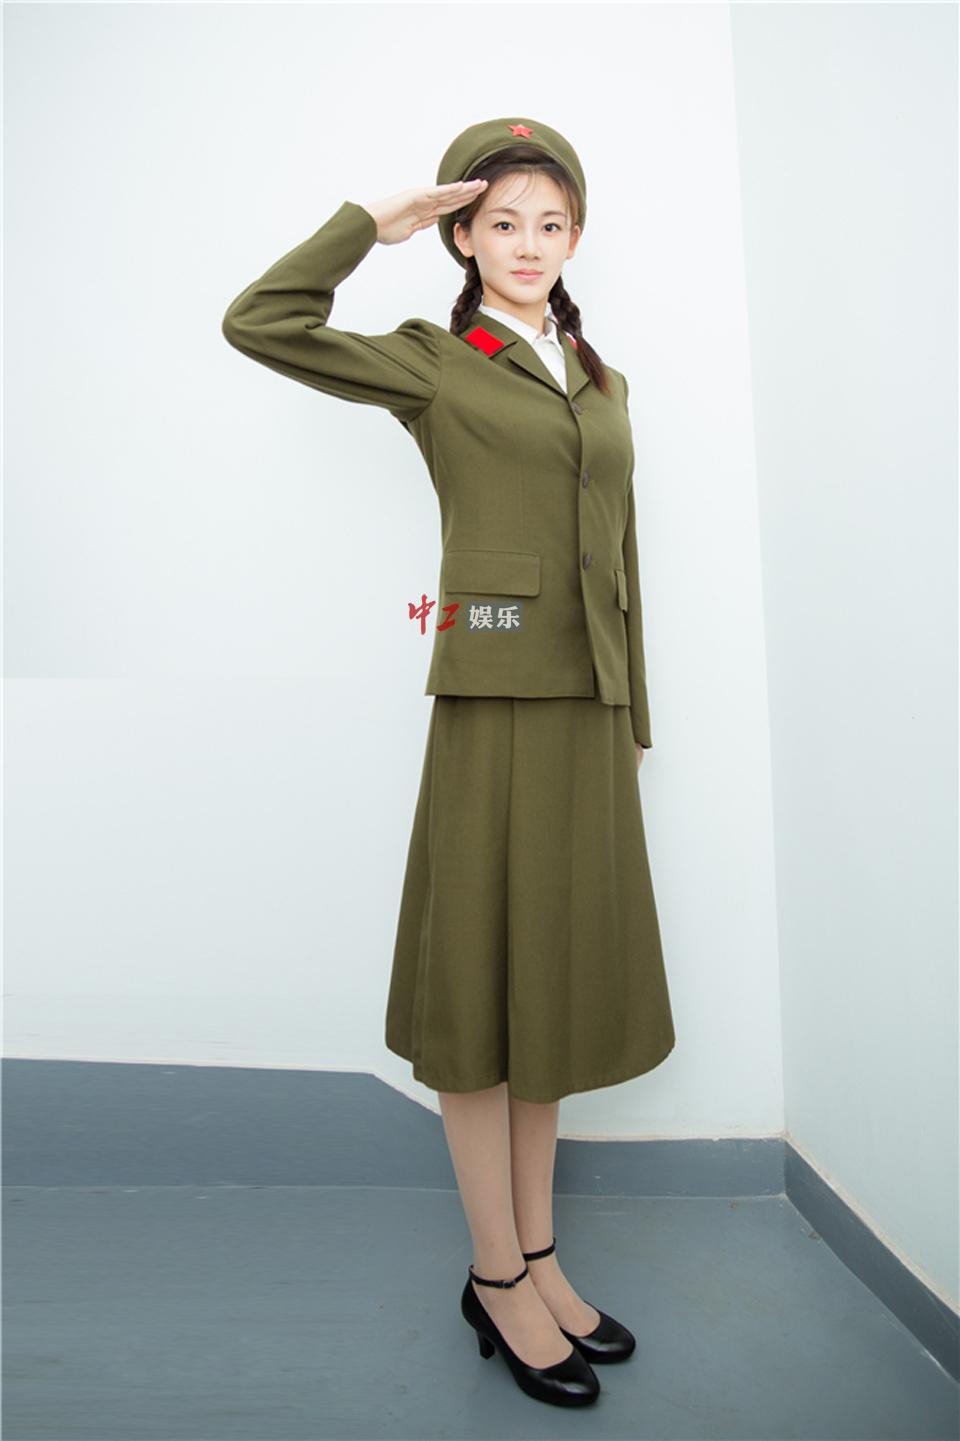 《芳华》女主角苗苗 军装帅气亮相 - 1505147909 - 太阳的博客